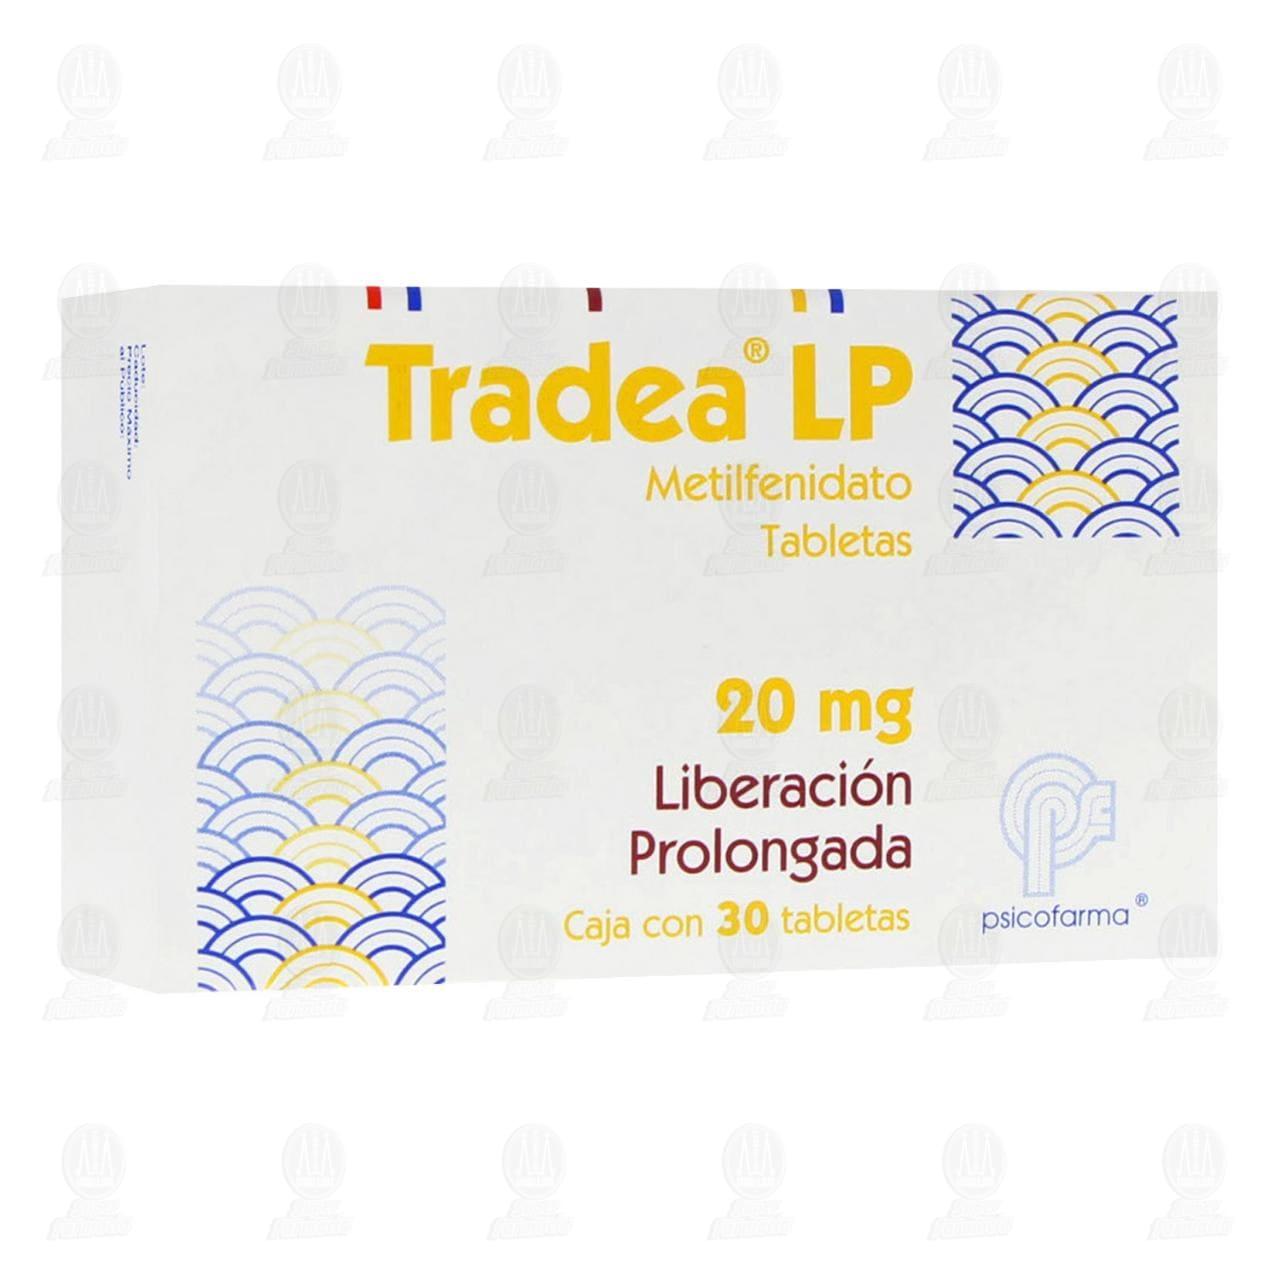 Tradea LP 20mg 30 Tabletas Liberación Prolongada